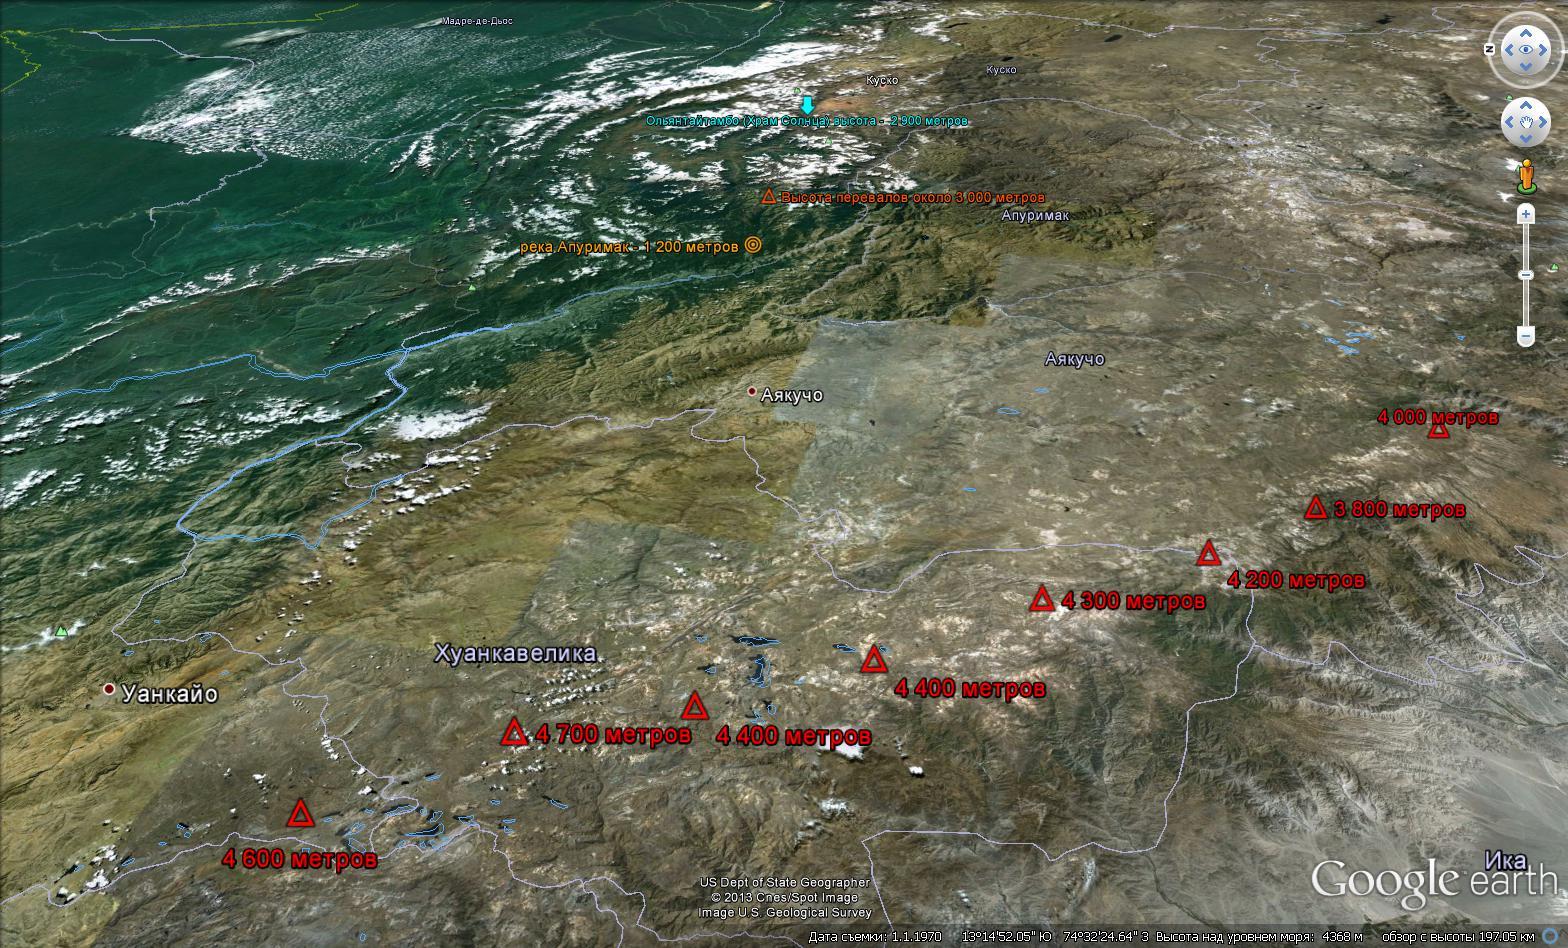 Топография от Тихого океана, через Анды, до археологического комплекса ОльянтайтамбоТопография от Тихого океана, через Анды, до археологического комплекса Ольянтайтамбо